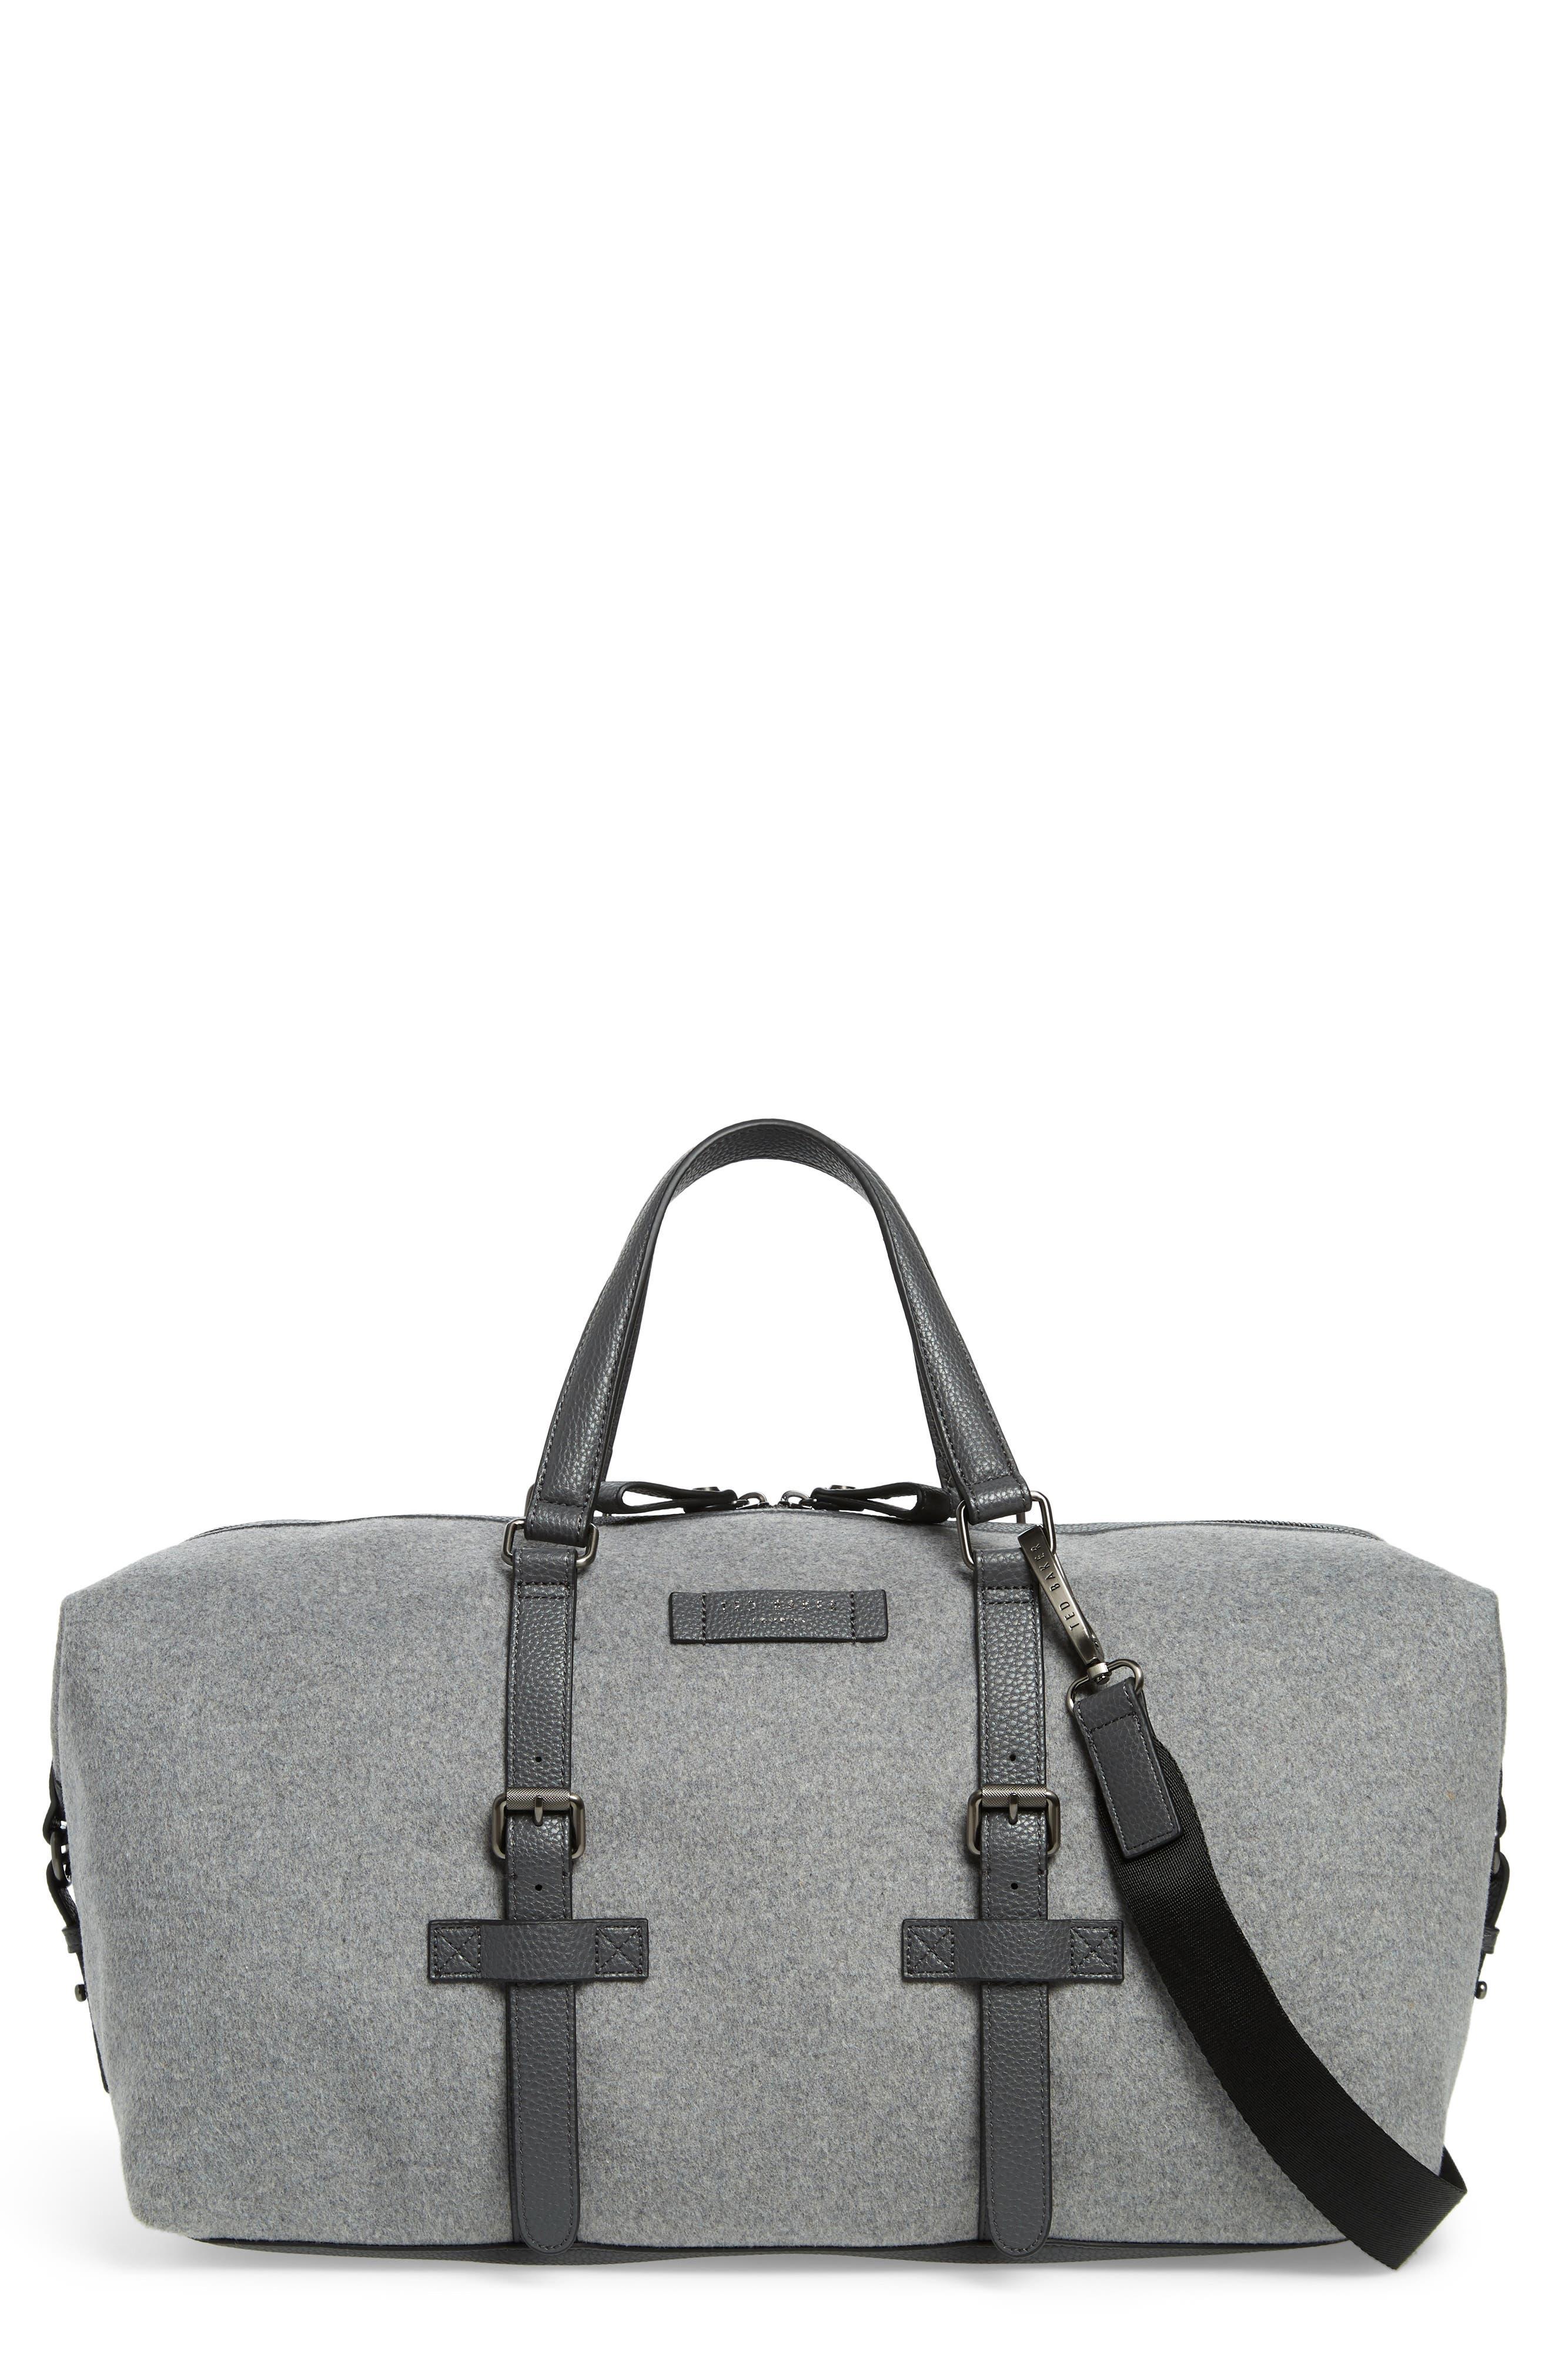 Knitts Duffel Bag,                         Main,                         color, GREY